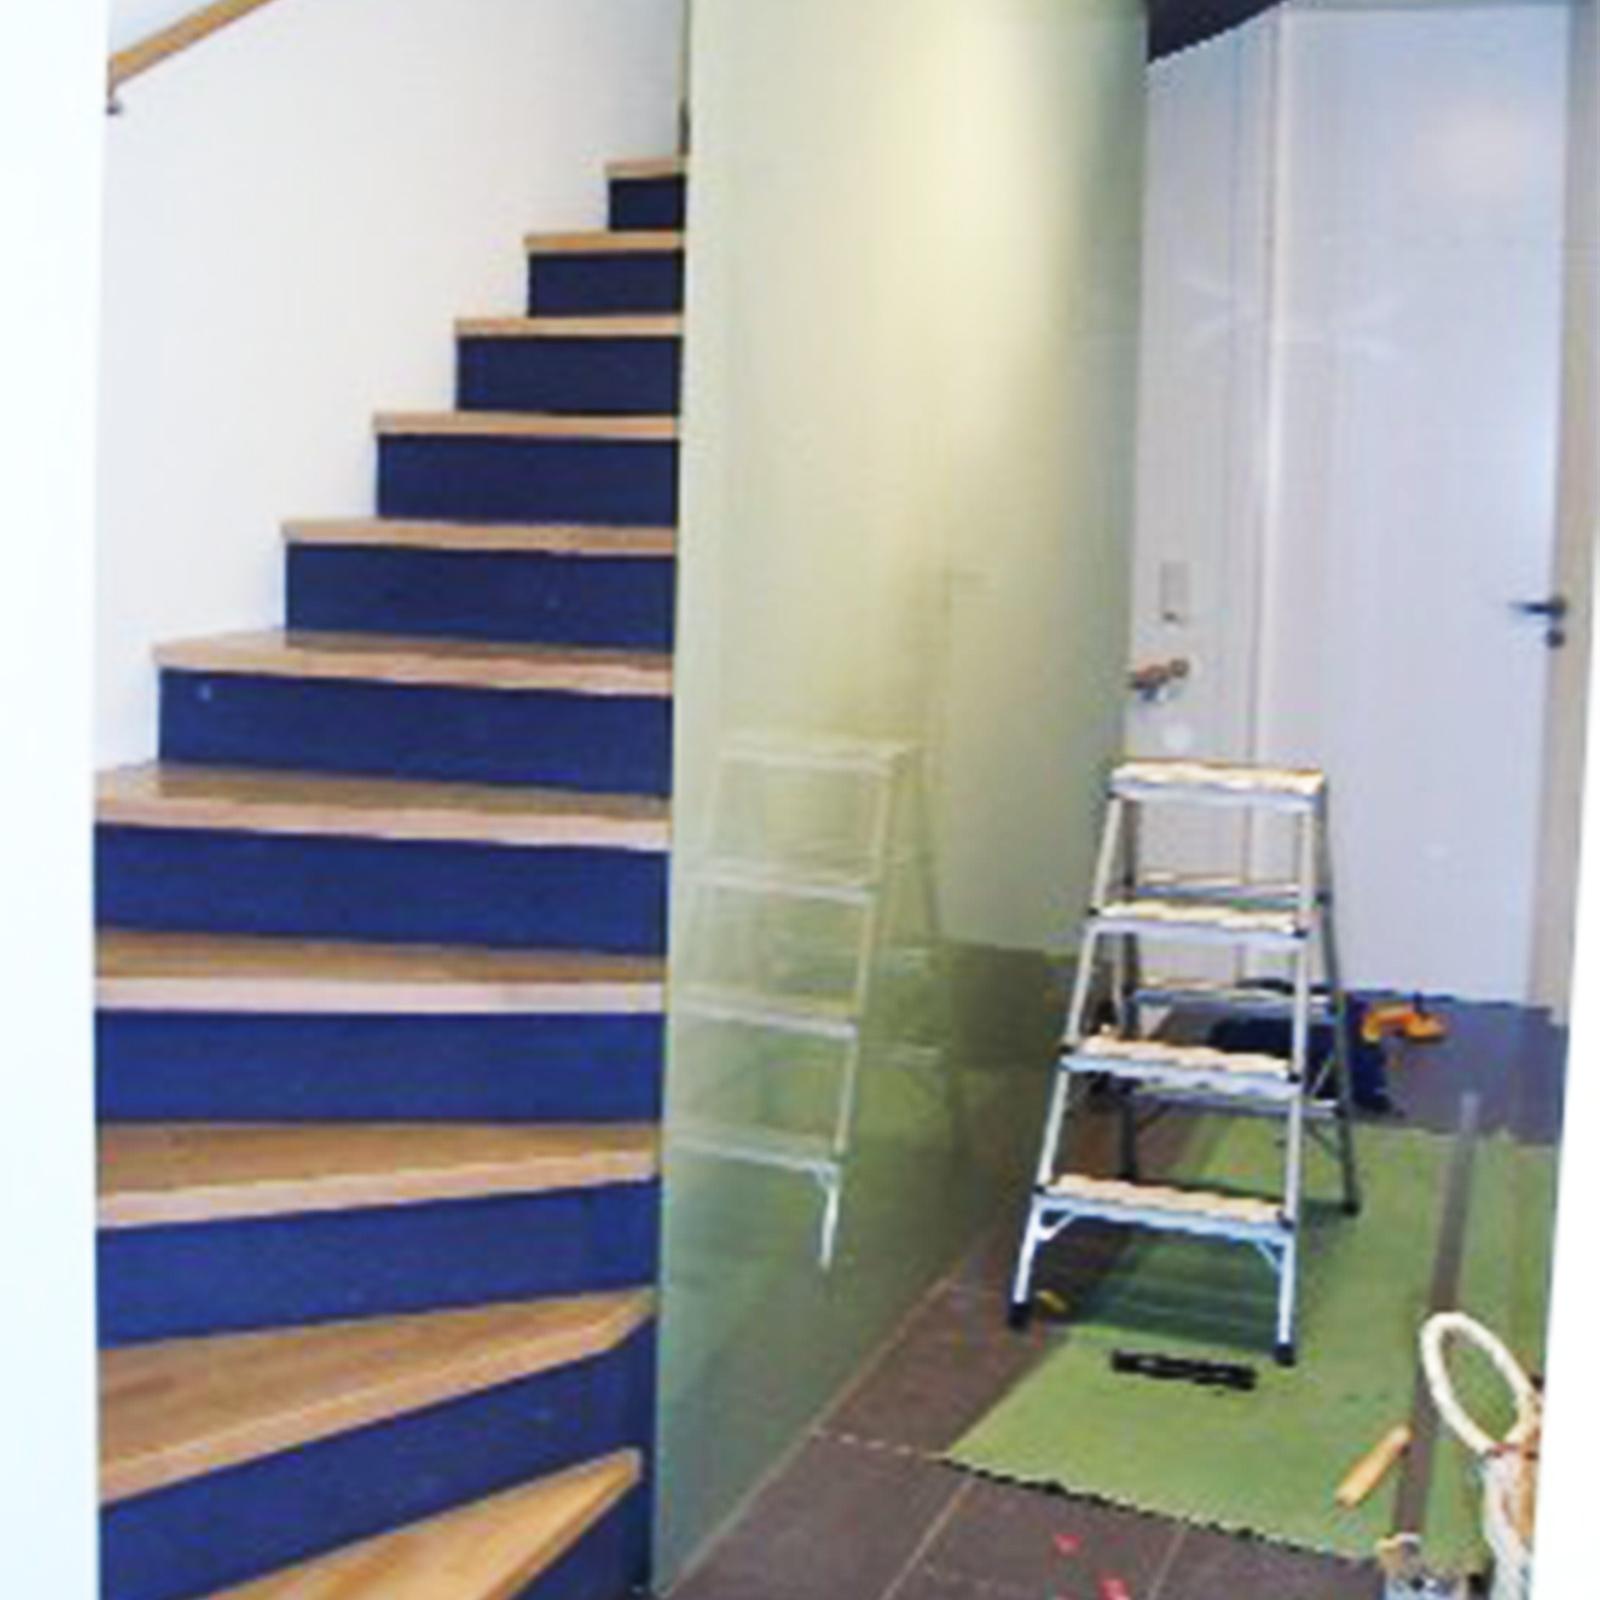 Absturzsichernde Verglasung an Treppe (durchgehend)